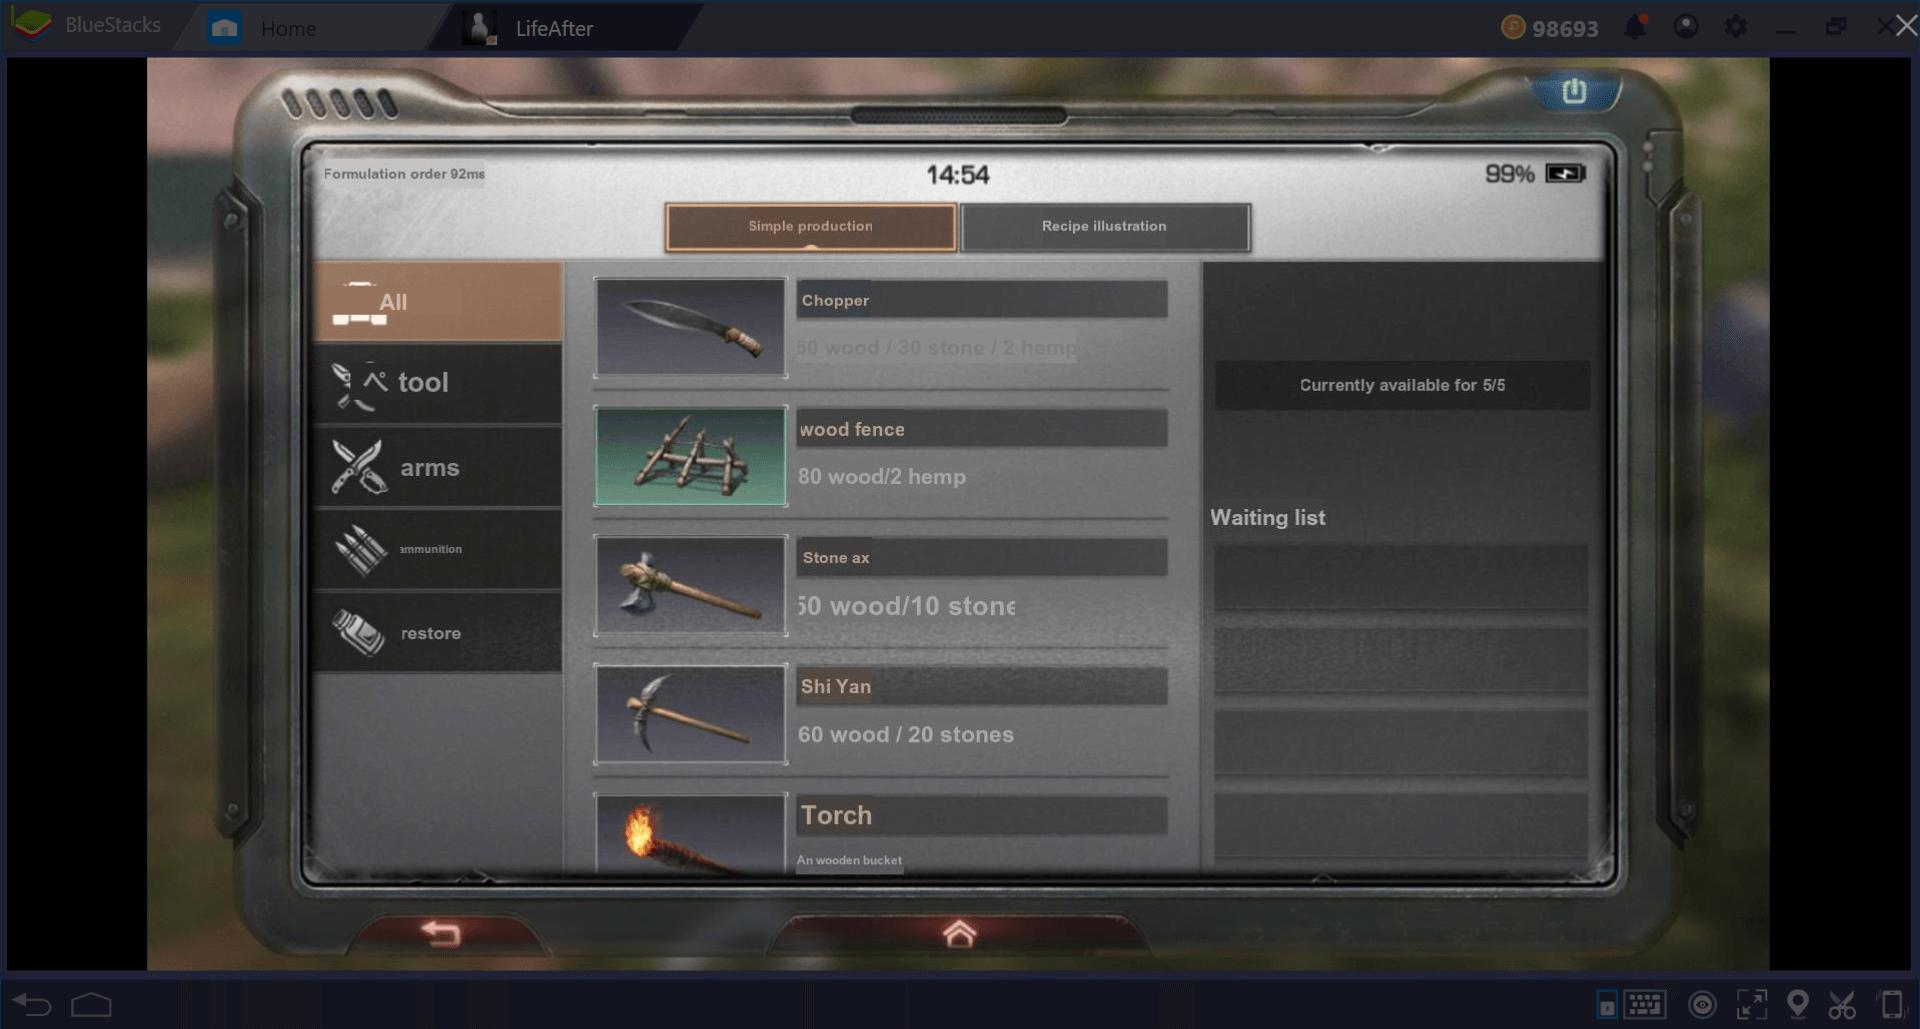 BlueStacks ra mắt tính năng dịch thuật thời gian thực ngay khi đang chơi game